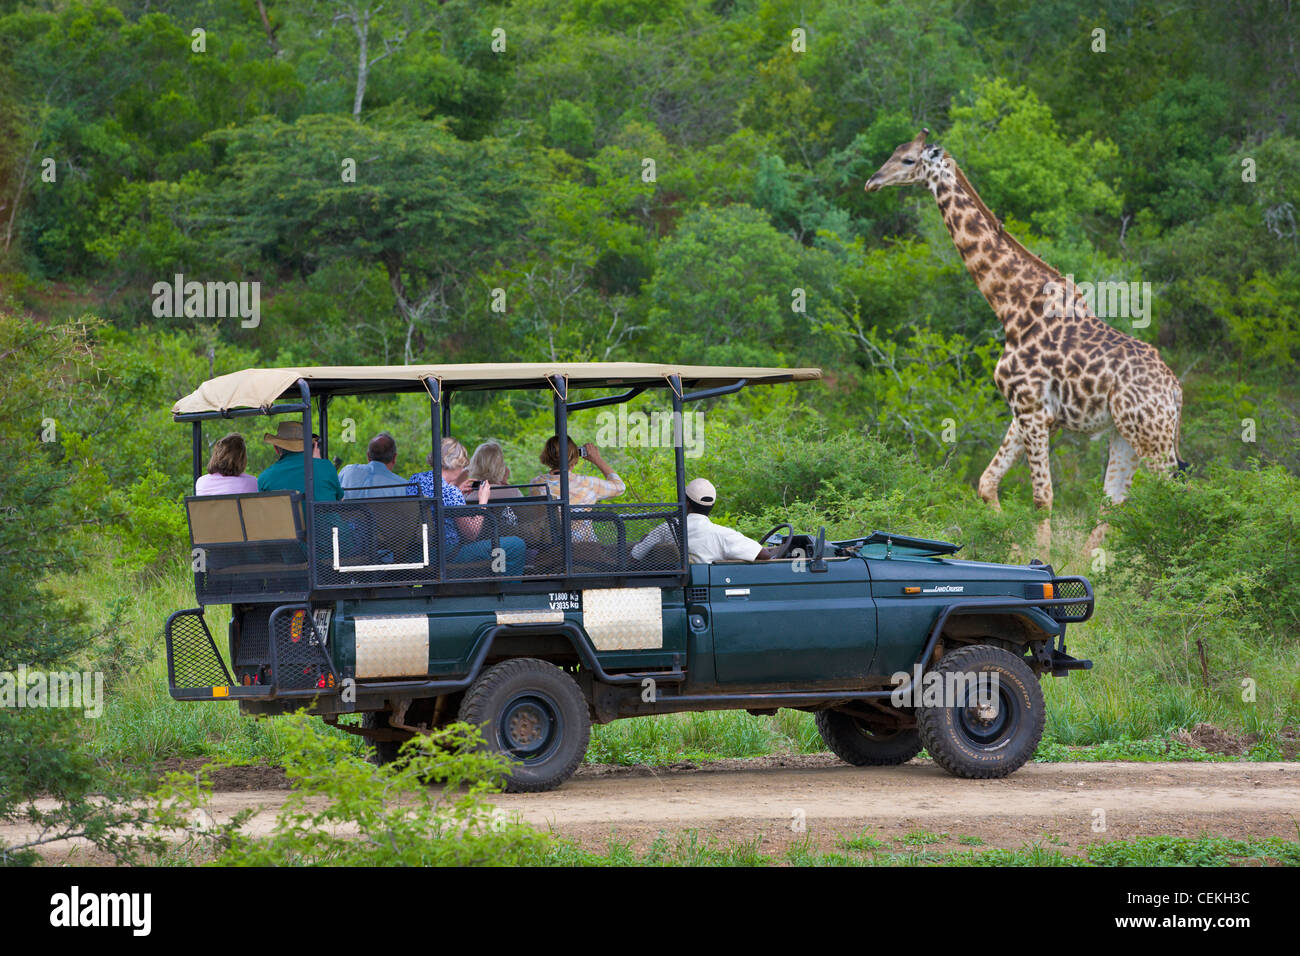 Persone in safari la visualizzazione del veicolo giraffe, la Hluhluwe Game Reserve, Sud Africa Immagini Stock